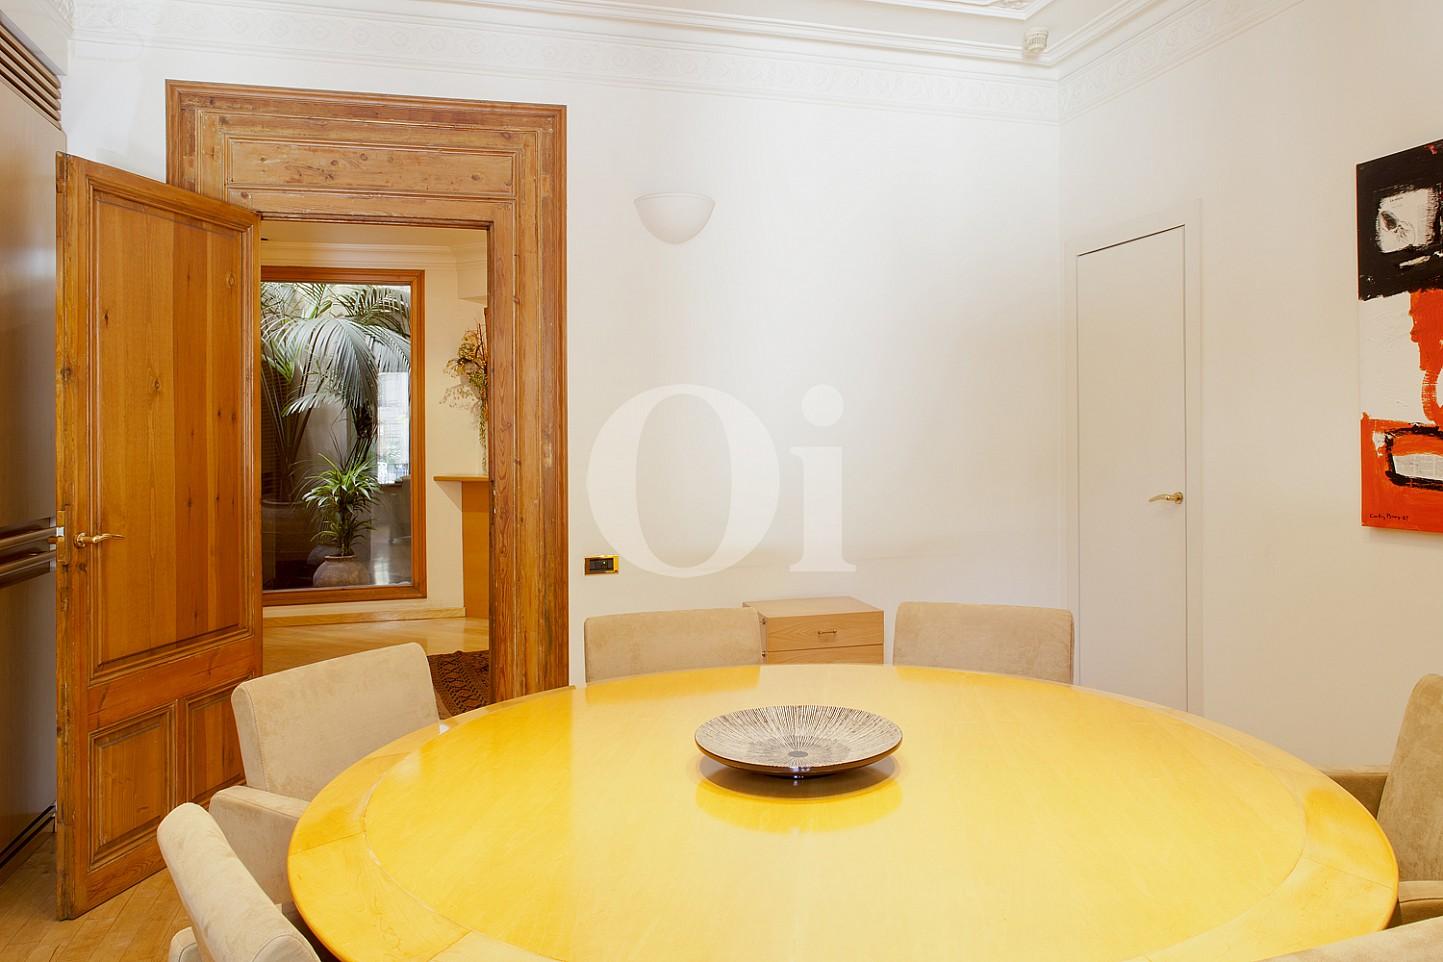 Besprechungsraum  einer Wohnung zum Verkauf im Viertel Eixample Derecho Barcelonas